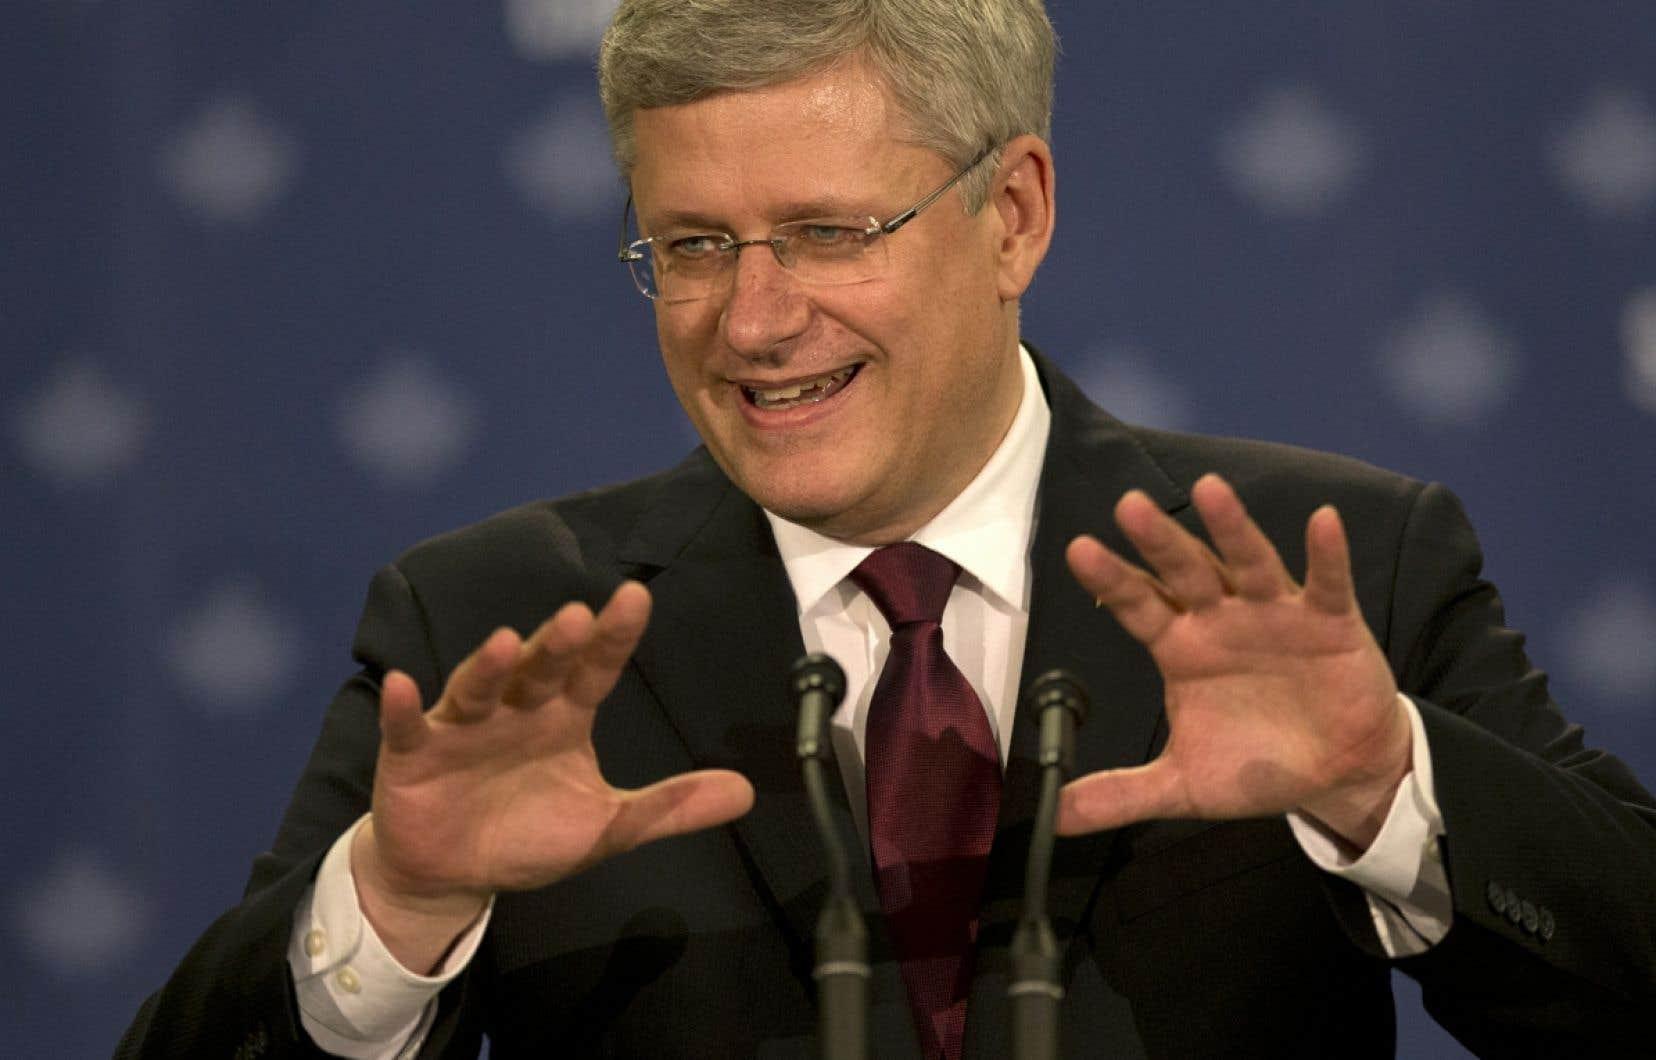 Le premier ministre canadien Stephen Harper a annoncé jeudi à Toronto ce nouvel engagement, qui doit couvrir la période de 2015 à 2020.